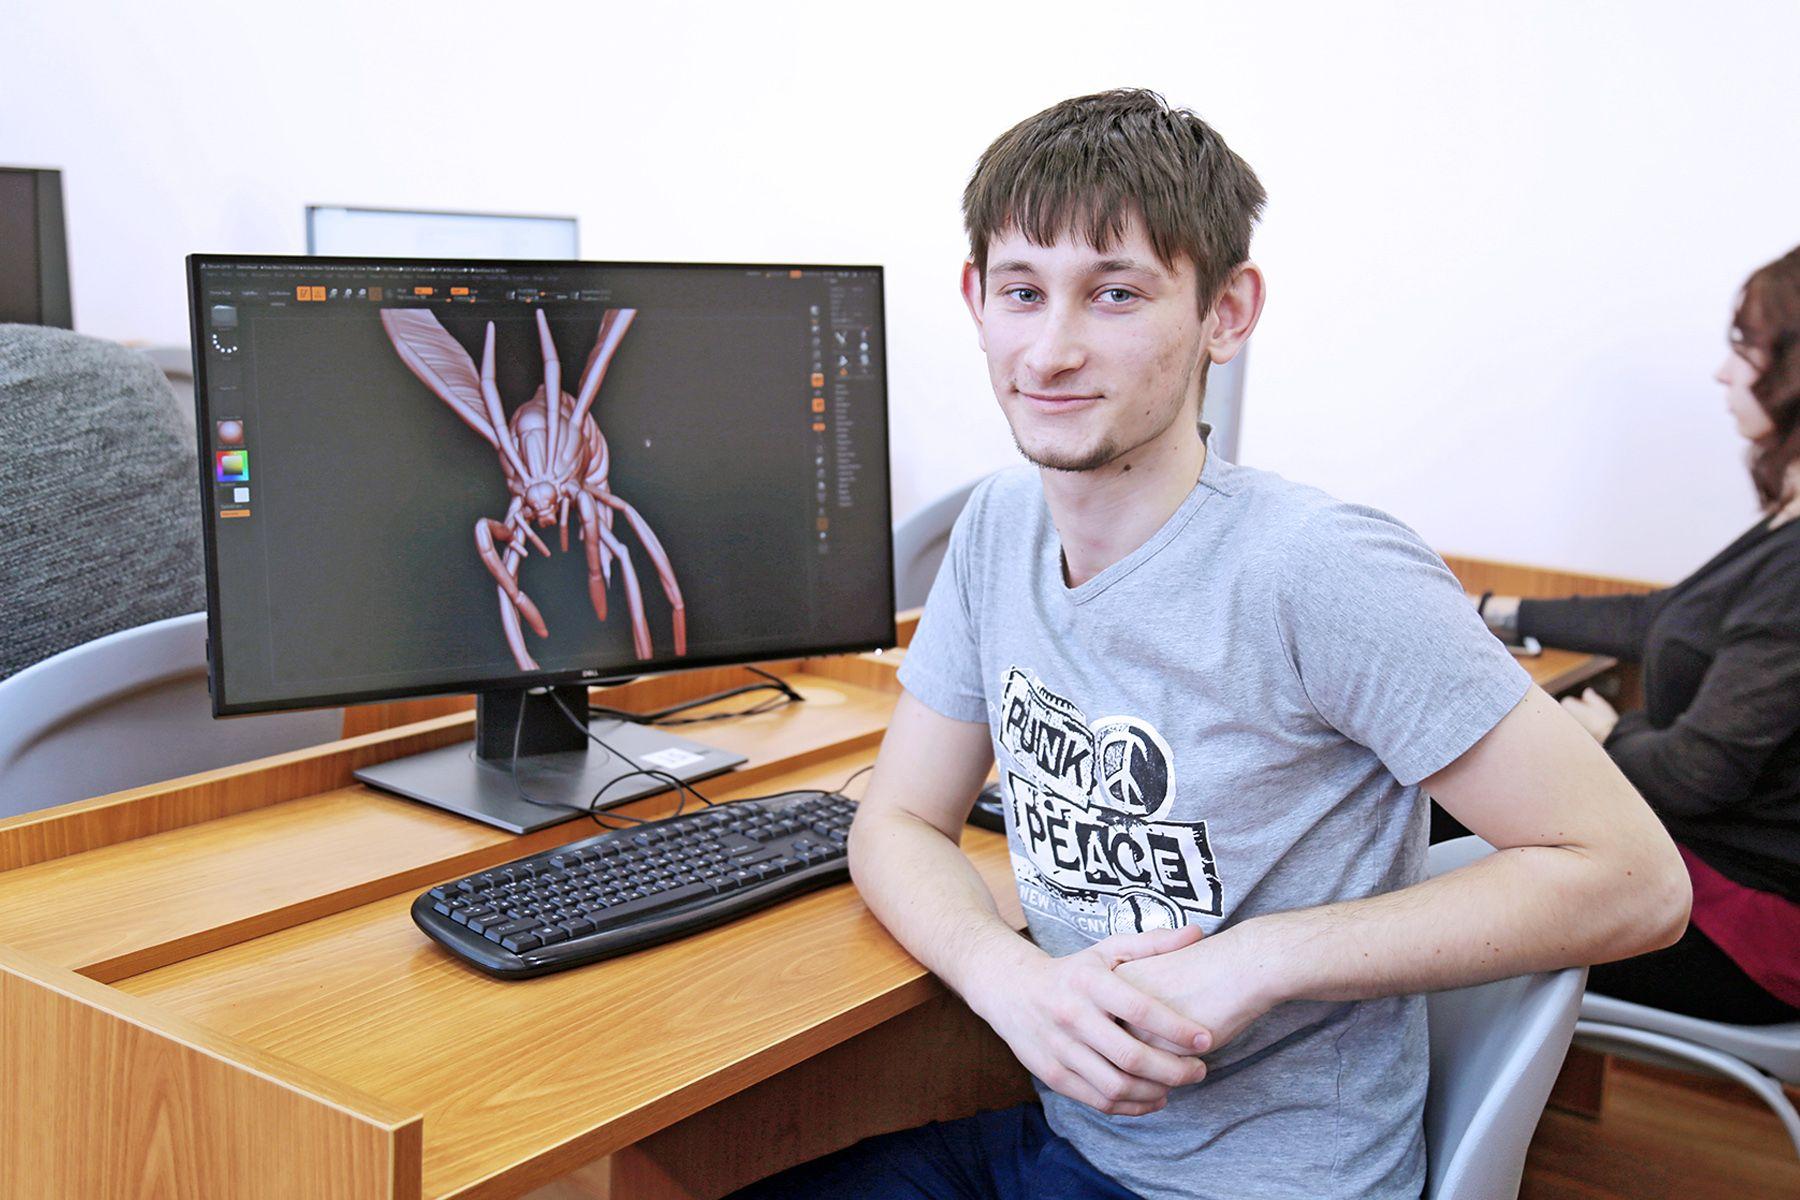 Студент ВГУЭС Роман Пестов - победитель Всероссийского конкурса по 3D-моделированию